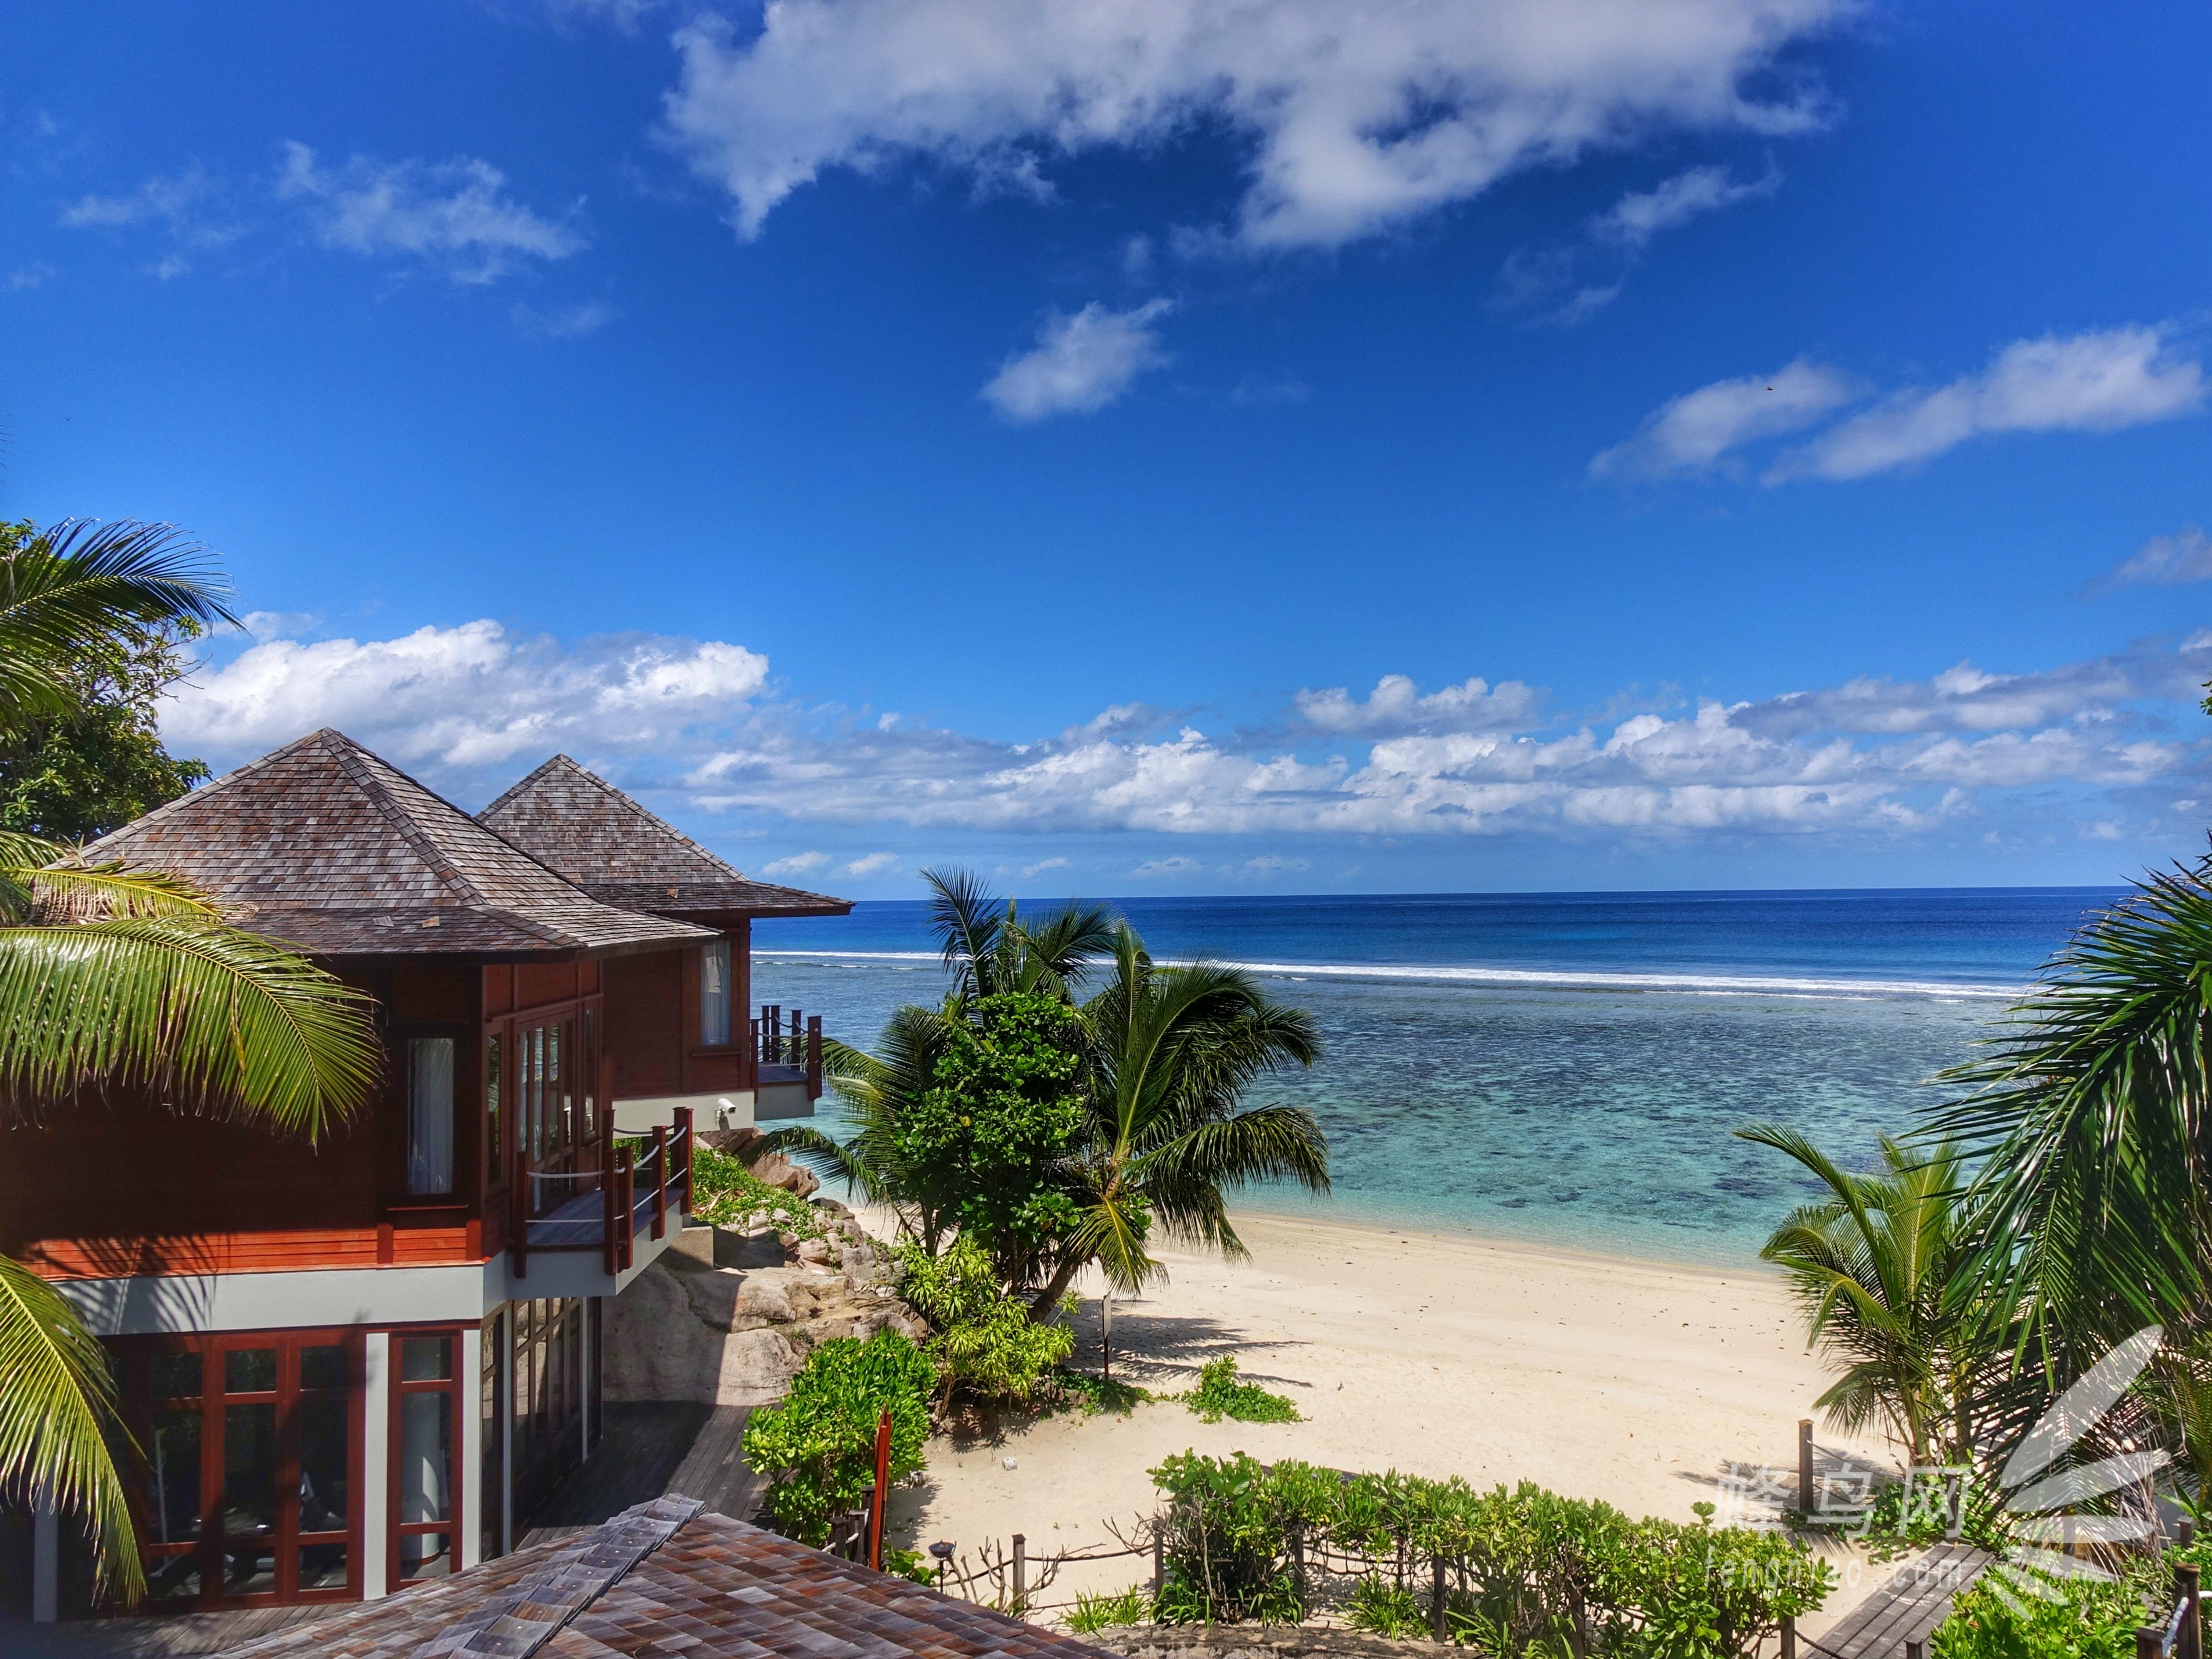 就连健身房都面朝大海,或是去spa放松身心,享受真正的海边慢生活.